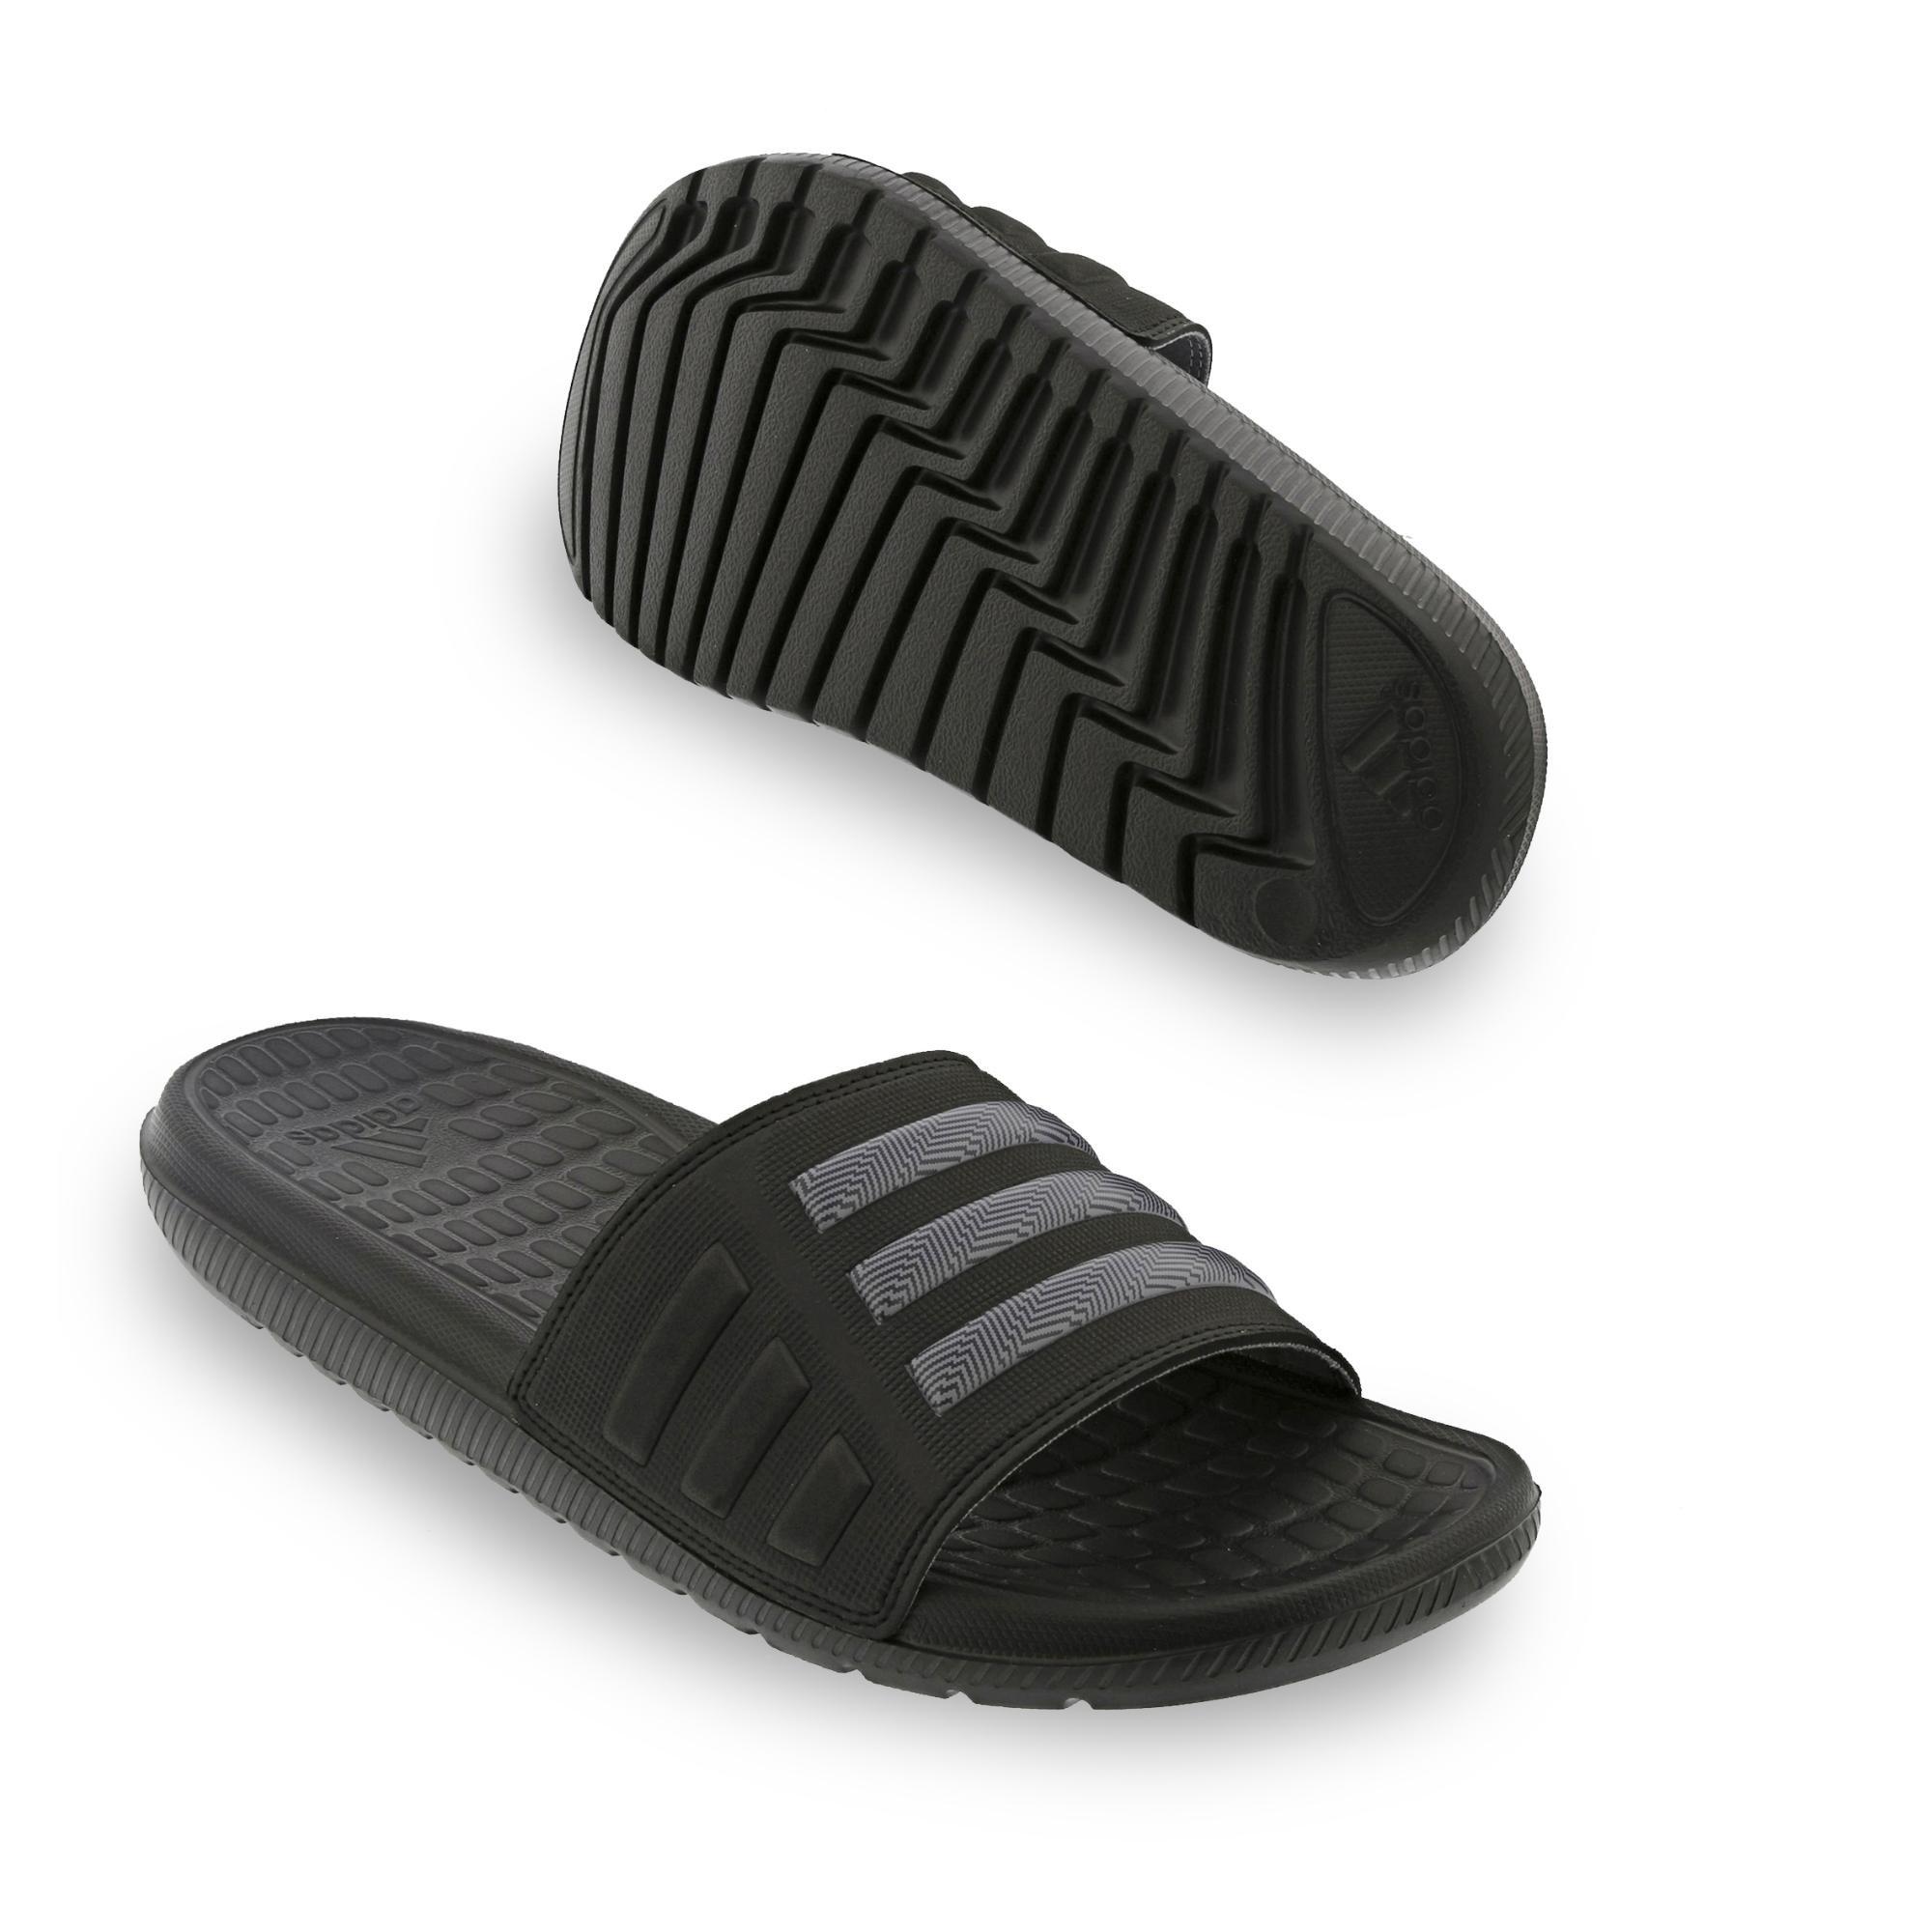 adidas Adilette Badeschuhe Badesandale Mungo QD 2.0, Farbe:Schwarztöne;Größe:UK 11 - EUR 46 - 28.5 cm